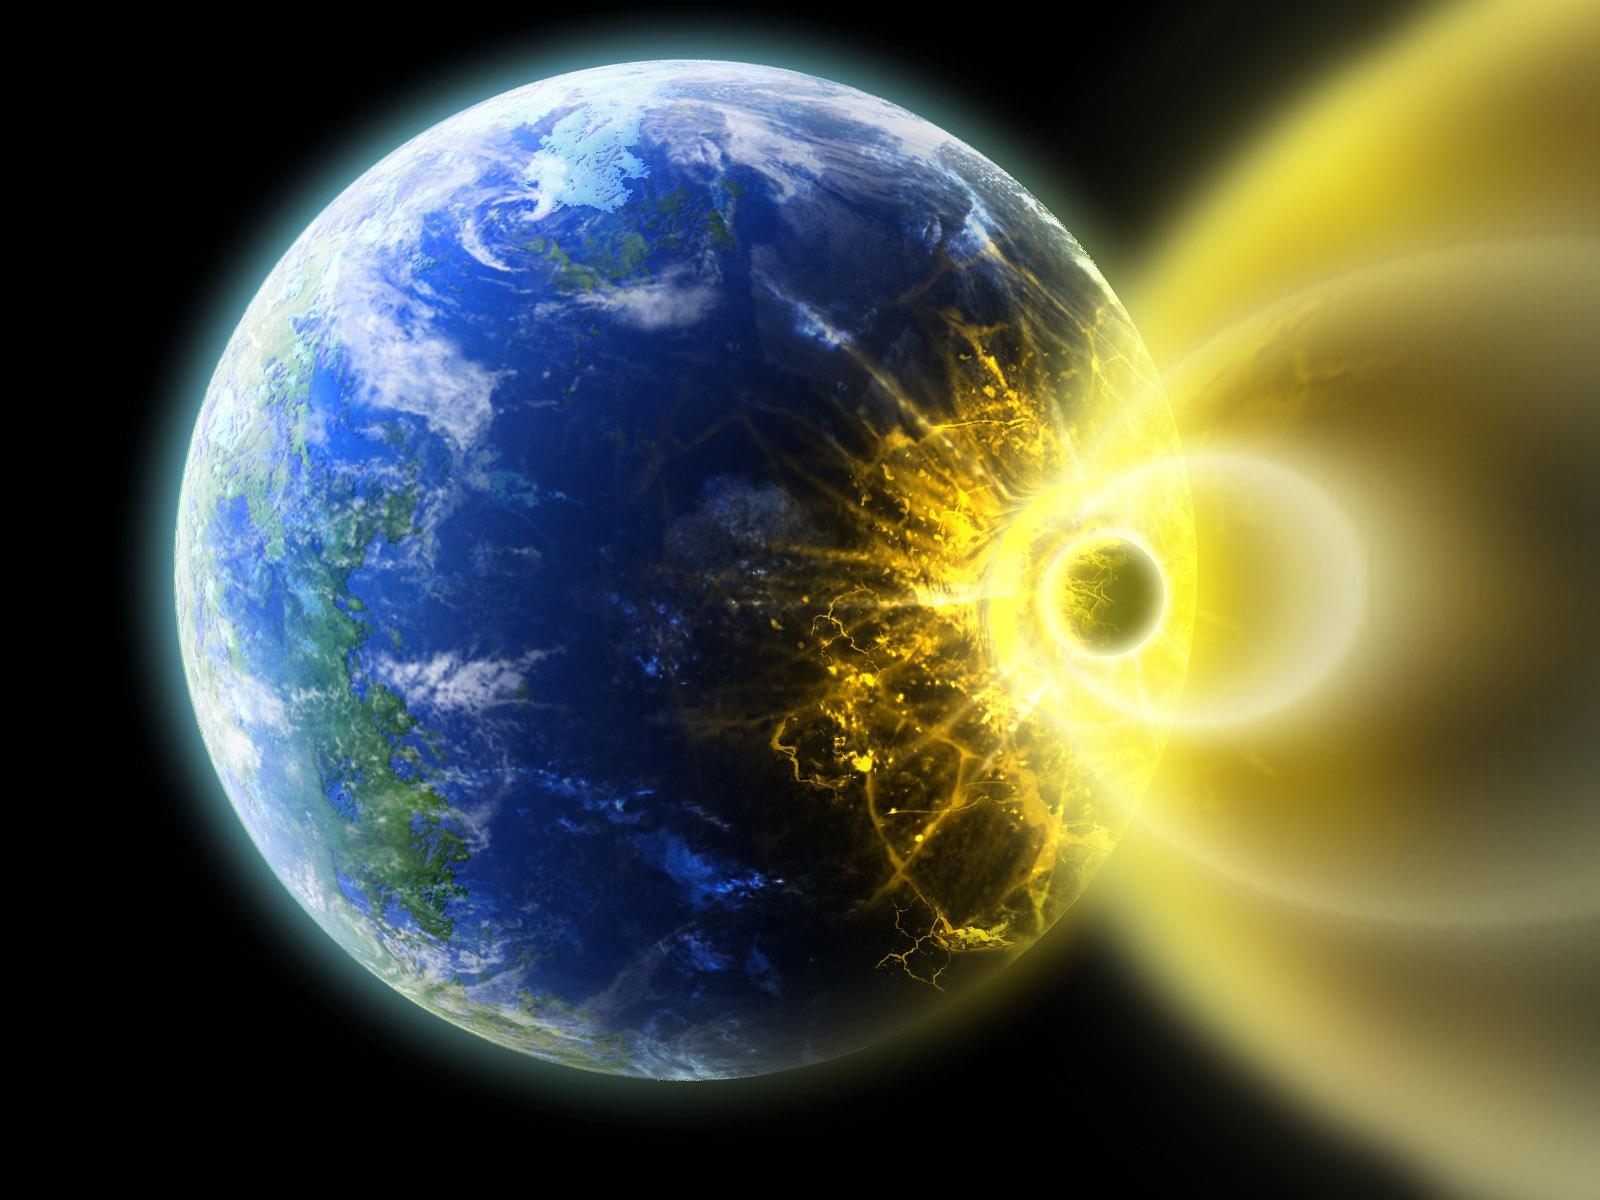 http://3.bp.blogspot.com/-FmtQJGOJ5CE/TnoeEKEEXcI/AAAAAAAAARY/Qcsv_XcL3oo/s1600/ready_to_explore_universe-normal.jpg